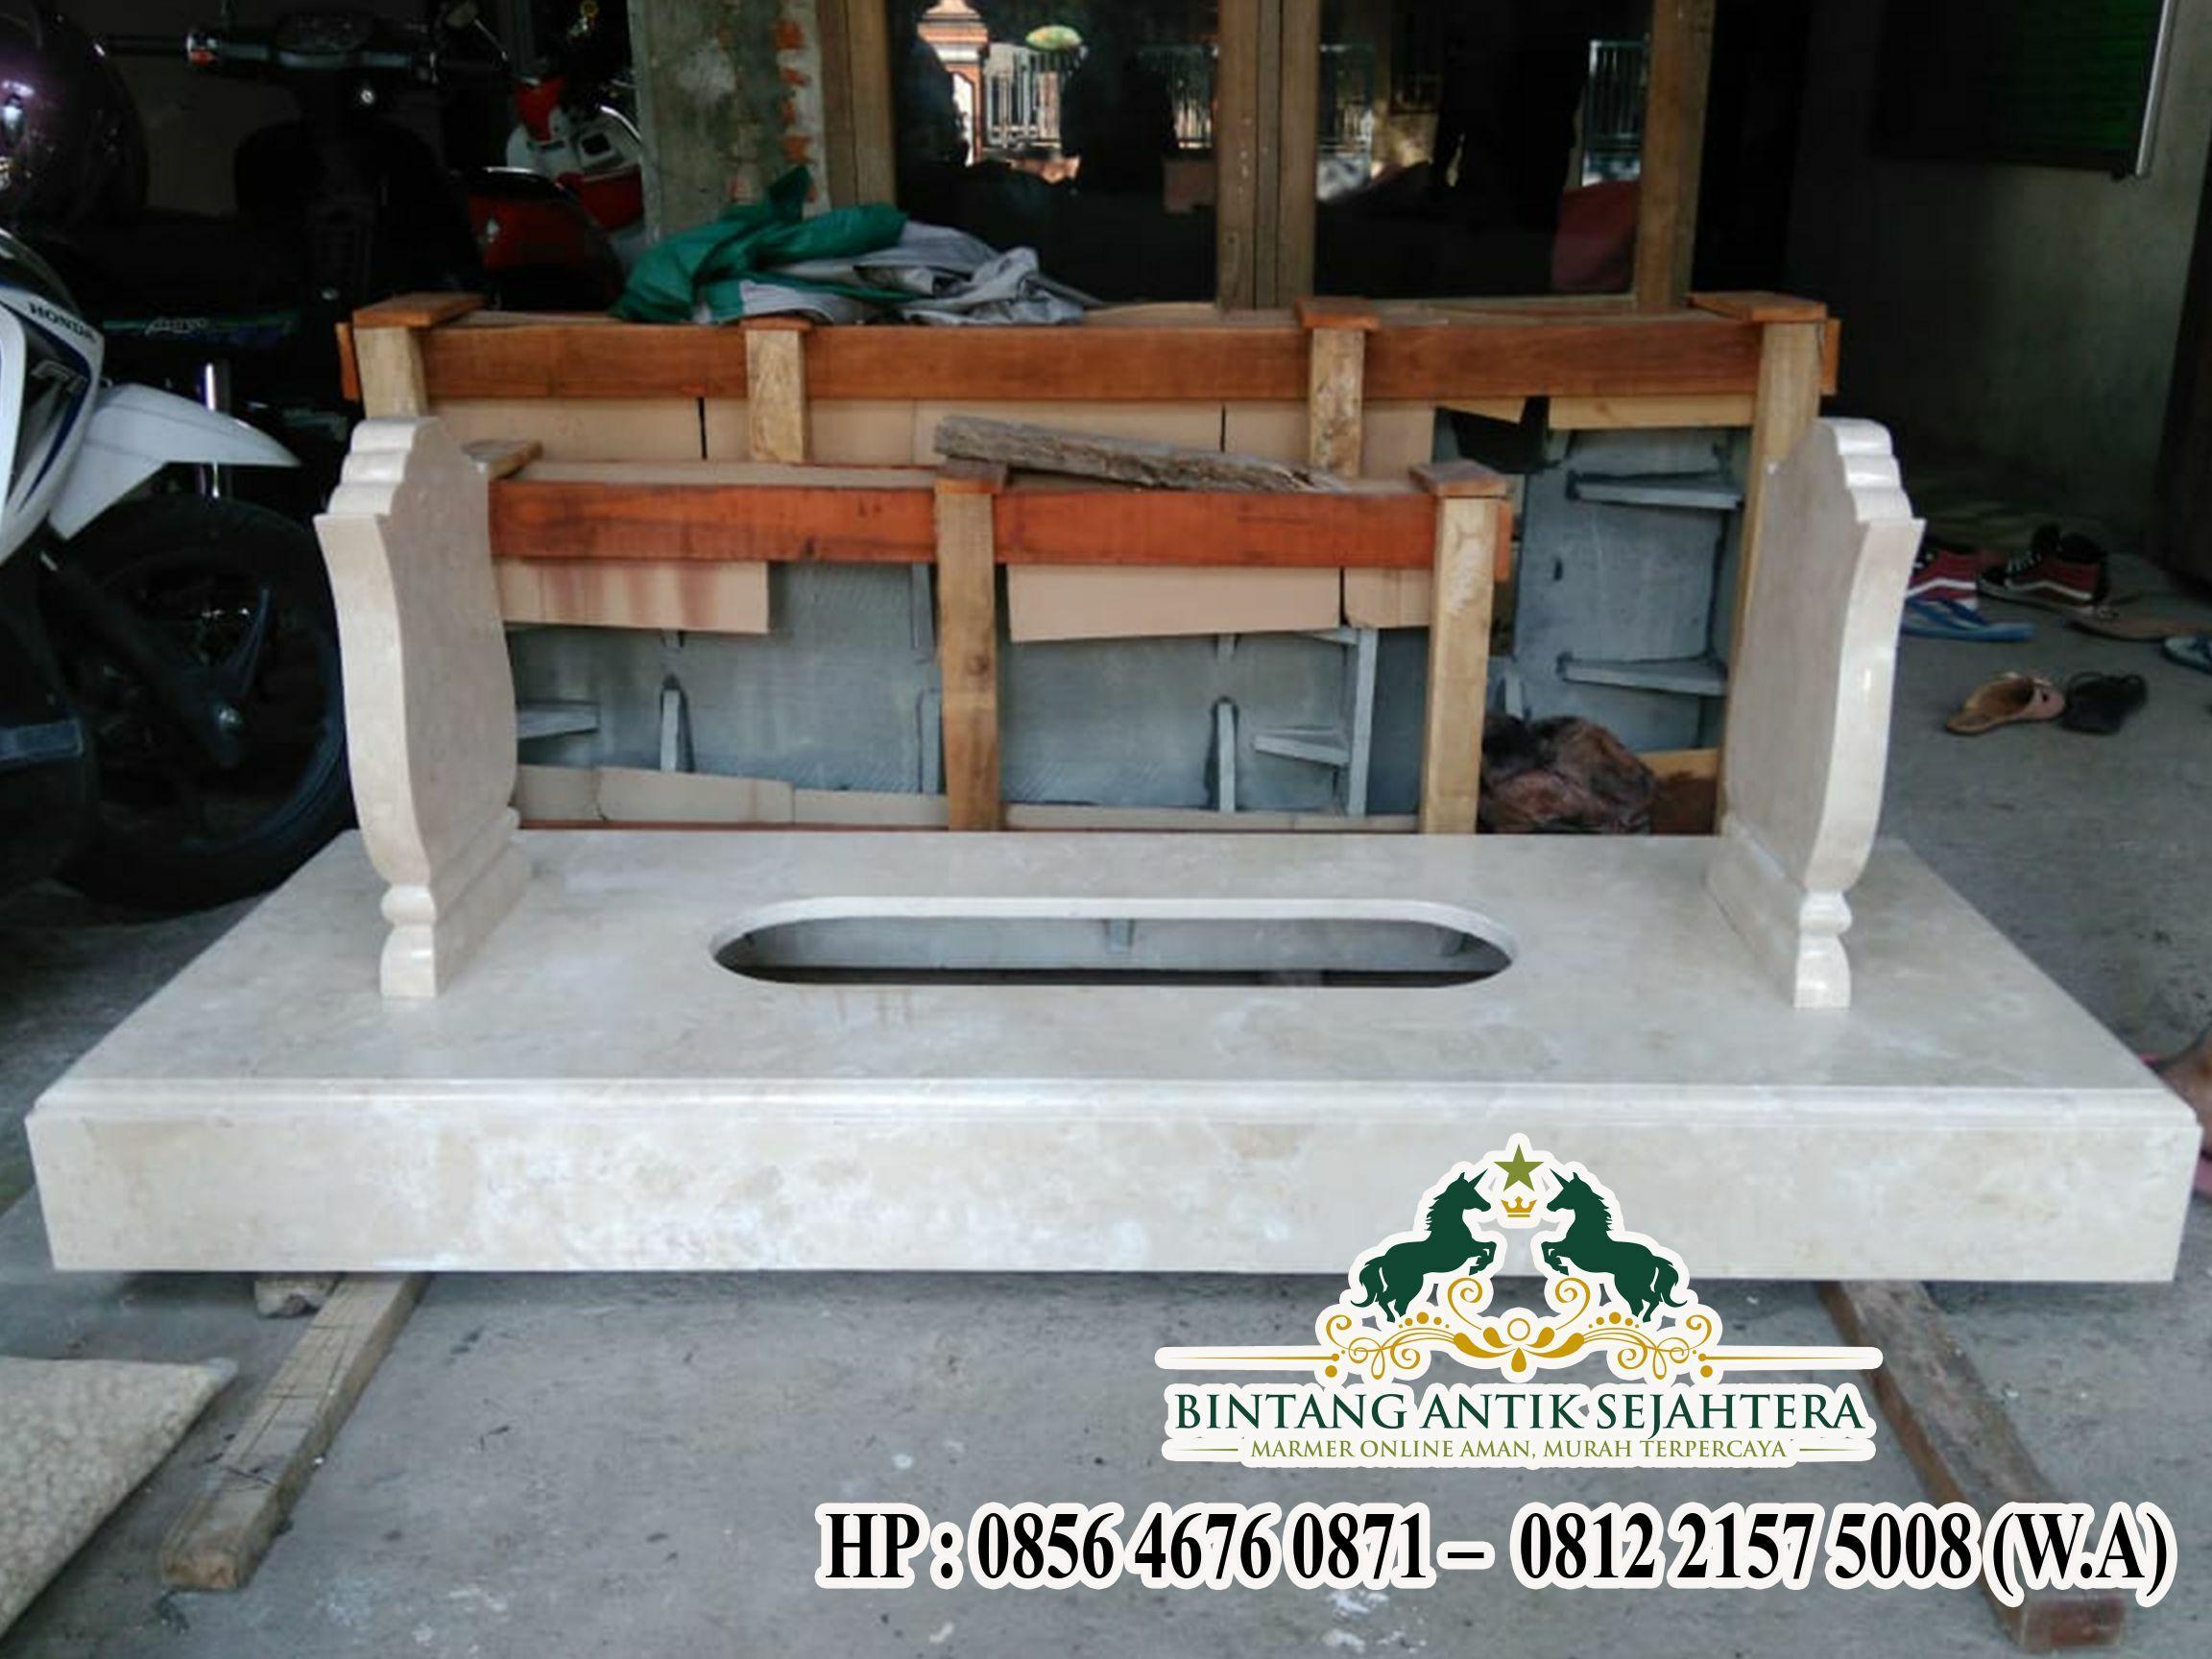 Kijing Marmer Minimalis   Jual Makam Marmer  di Malang